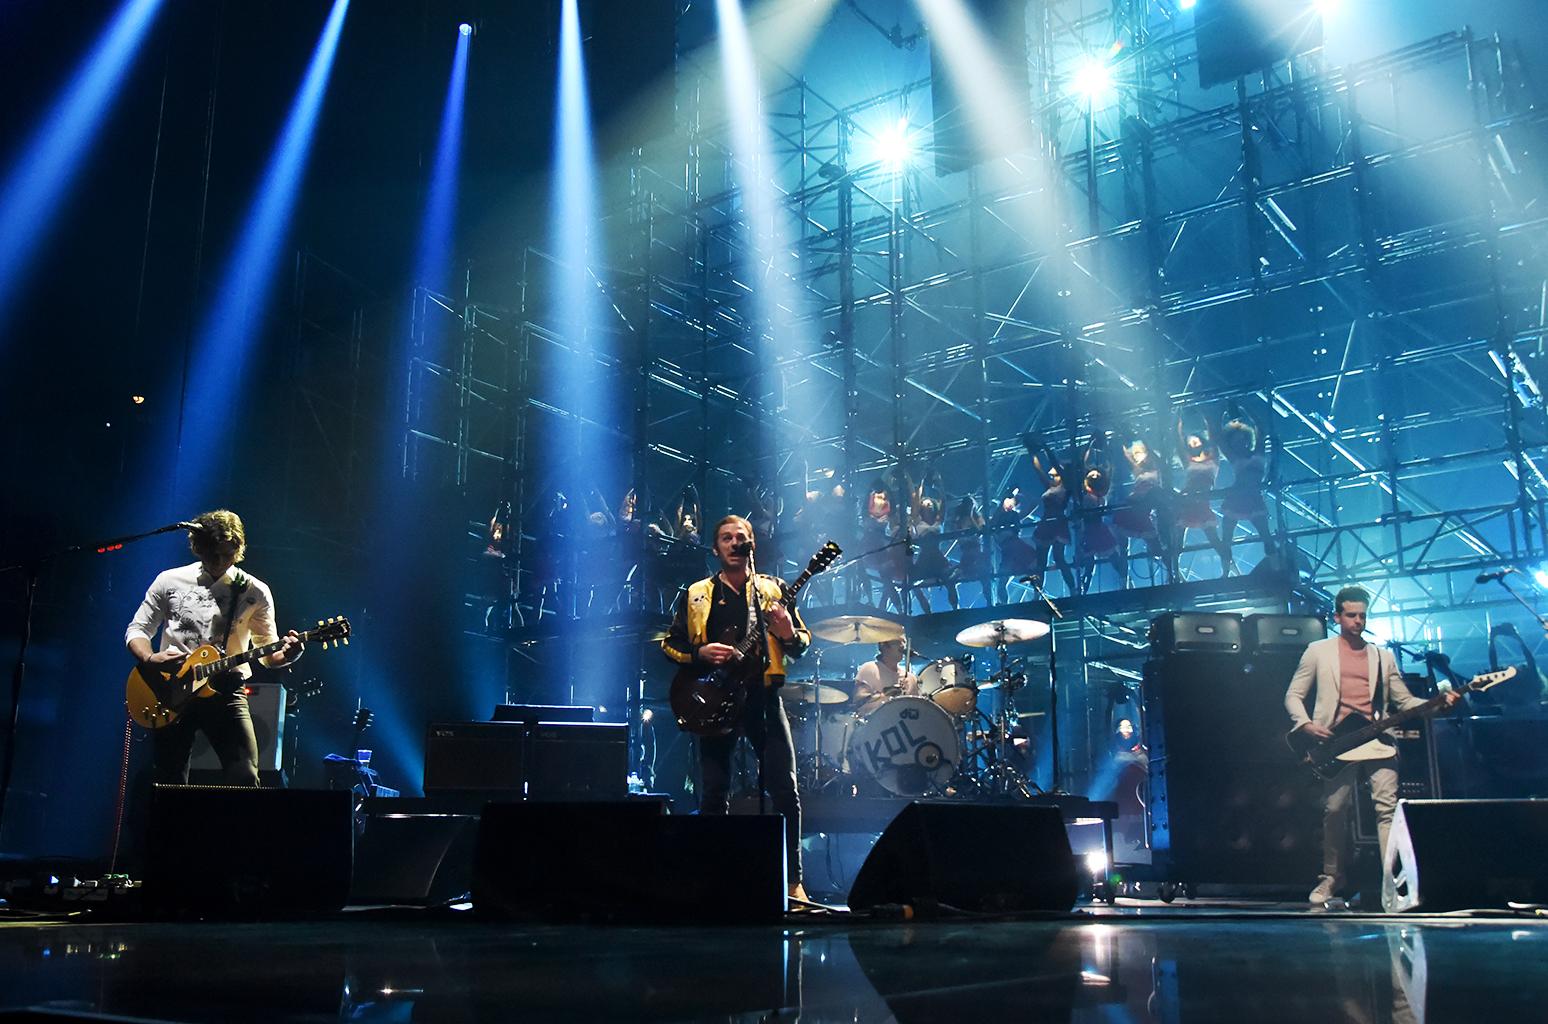 Sonorizarea de la premiile MTV EMA Awards a fost asigurata de echipamentele Sennheiser